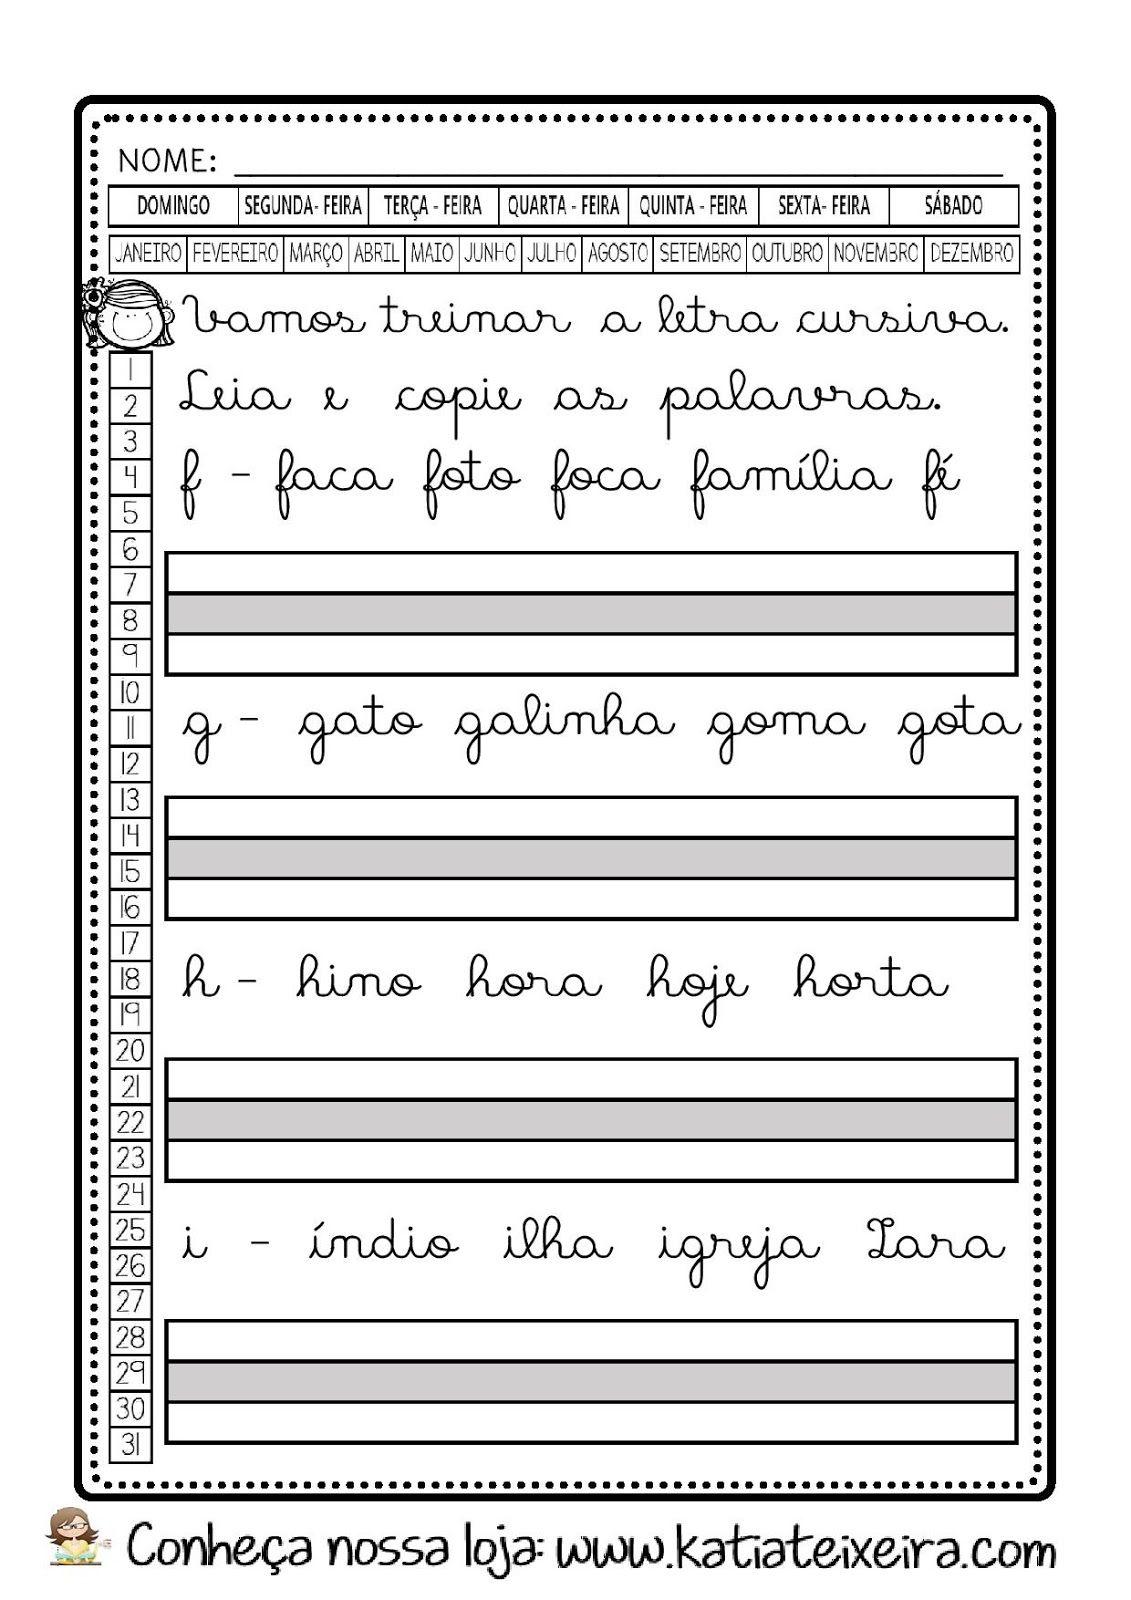 Caderno De Caligrafia Gratis Letras E Palavras Em Pdf Atividades